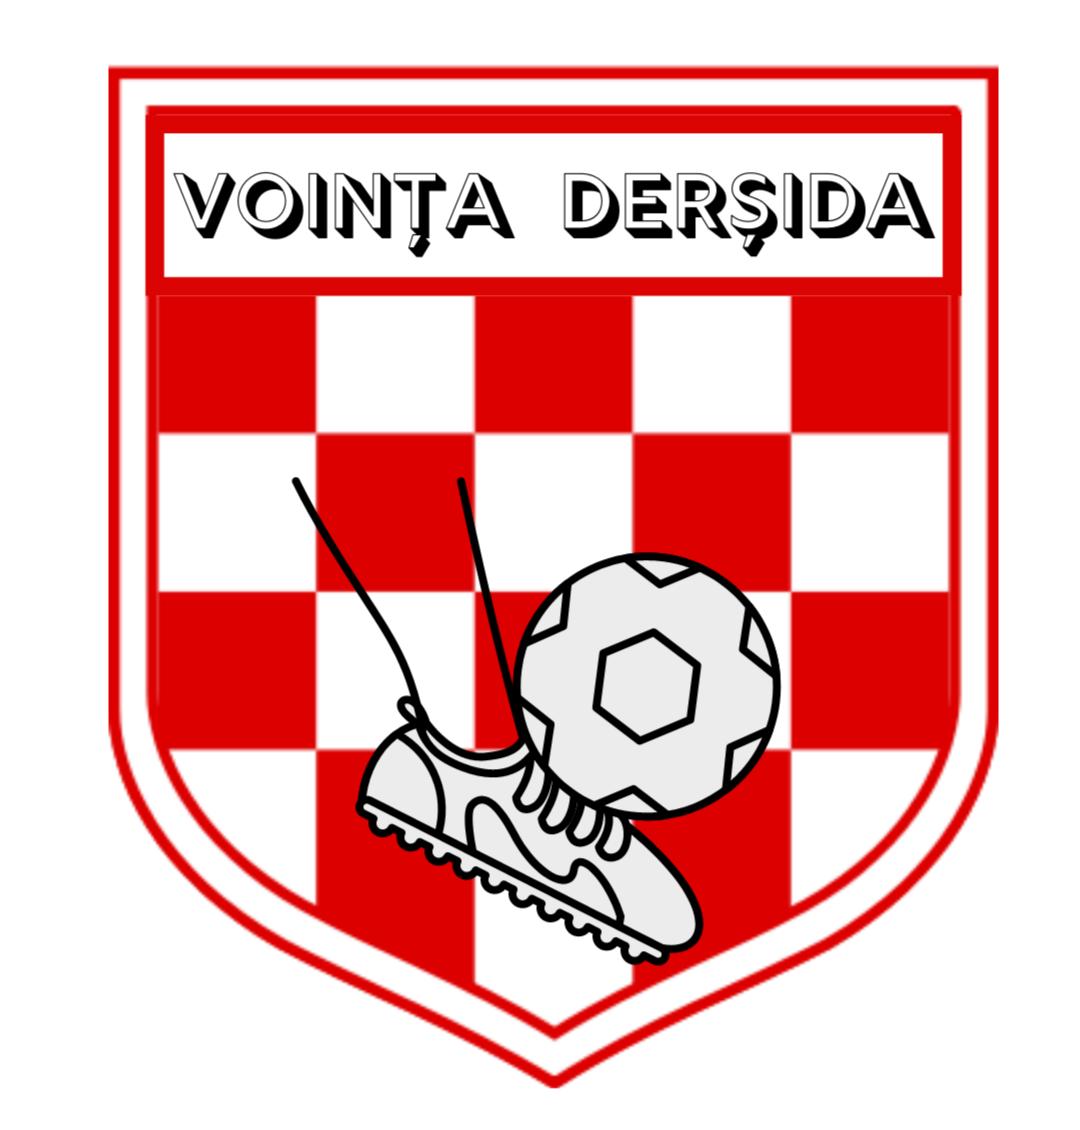 Vointa Dersida